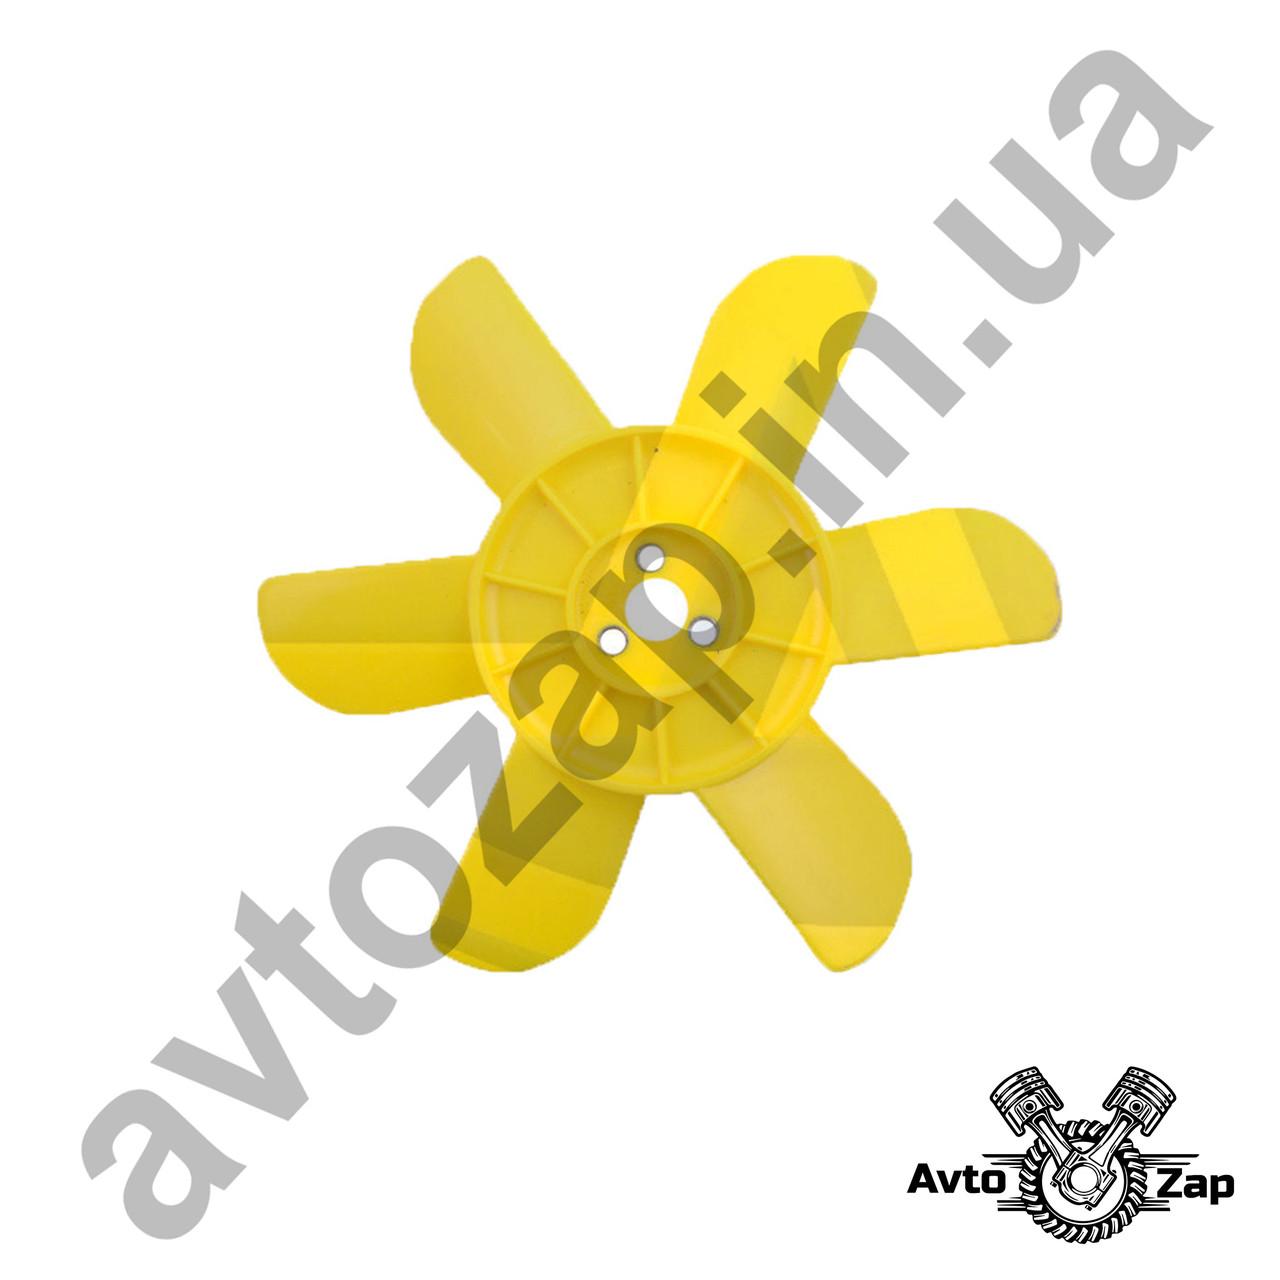 Крыльчатка вентилятора радиатора ВАЗ 2101-07 6 лоп. с метал. втулкой,желтая      31086